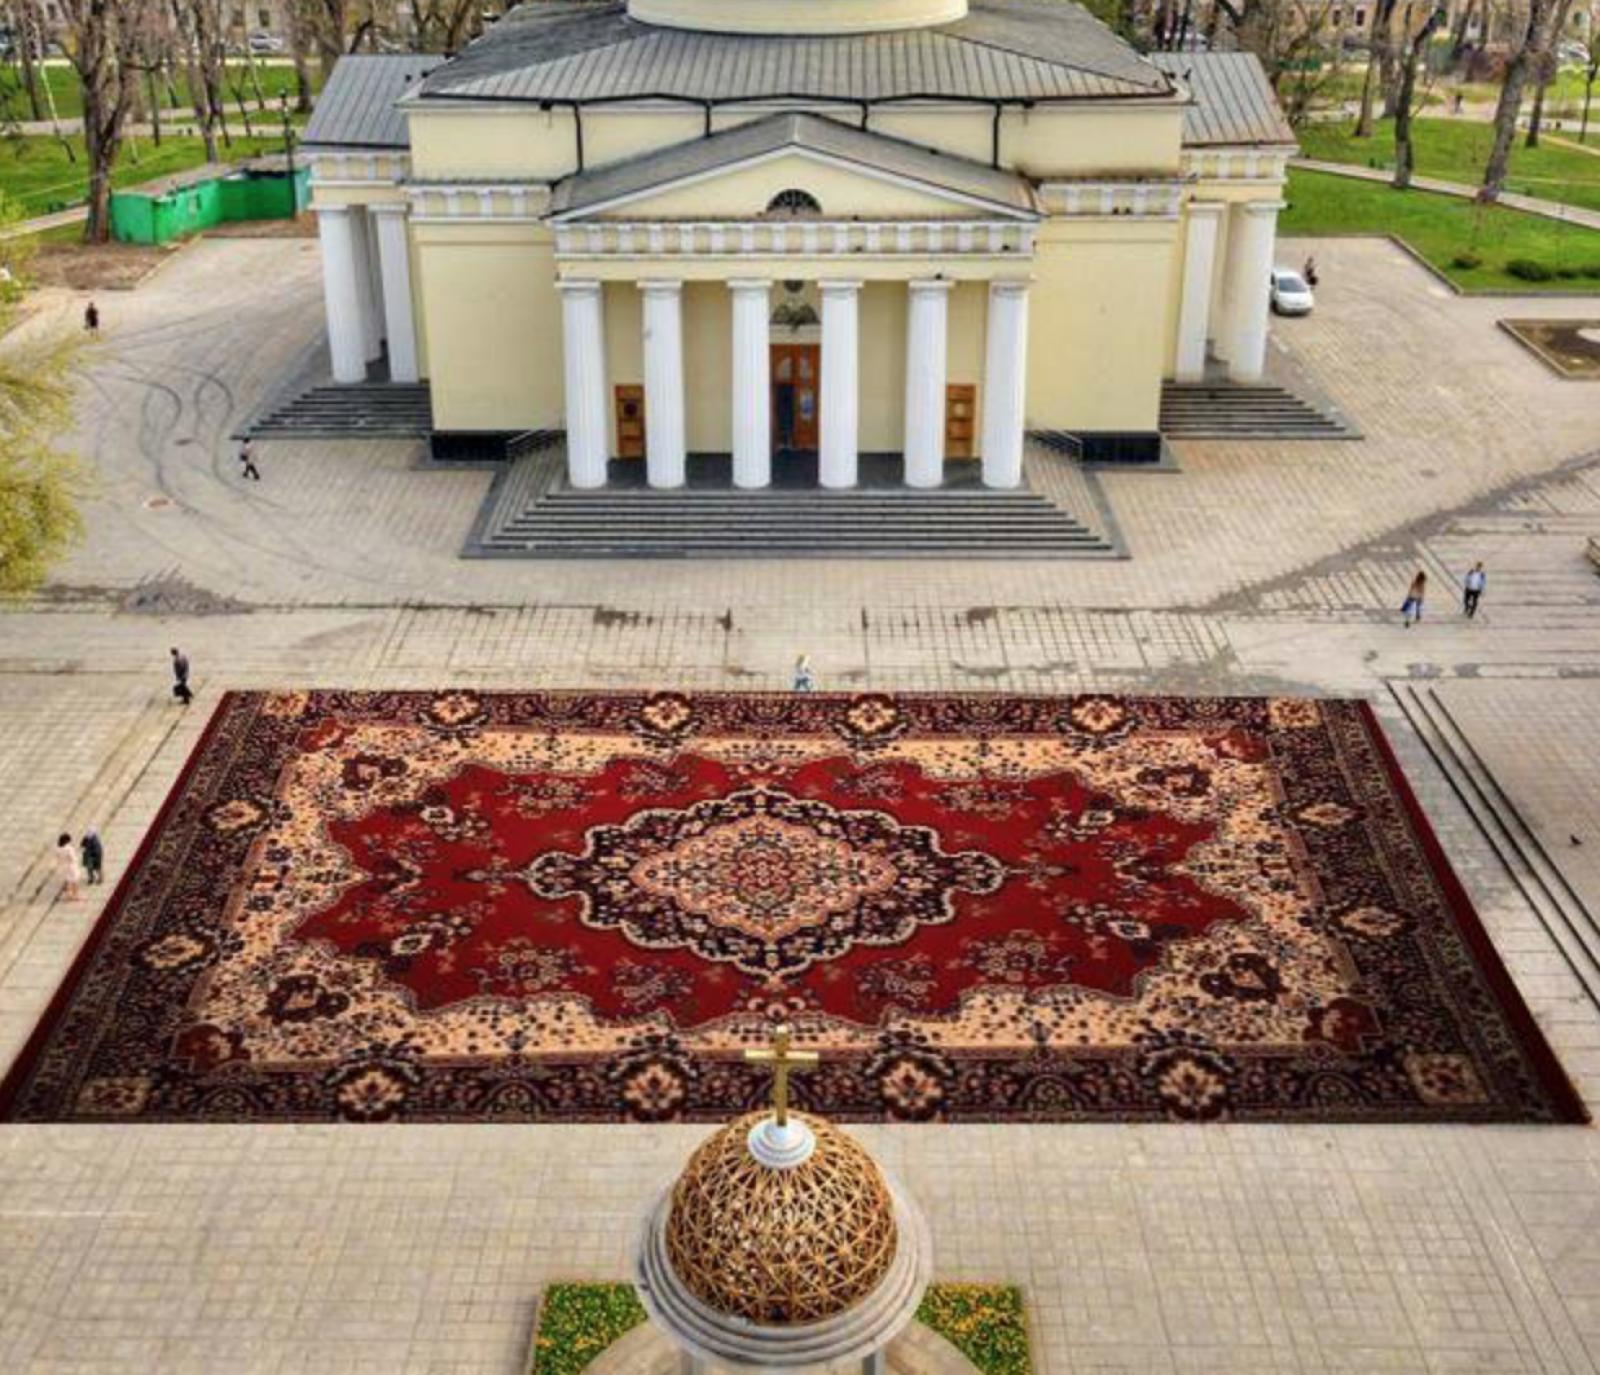 (foto) Altfel.md: Cum au reacționat internauții la covorul de flori al Silviei Radu